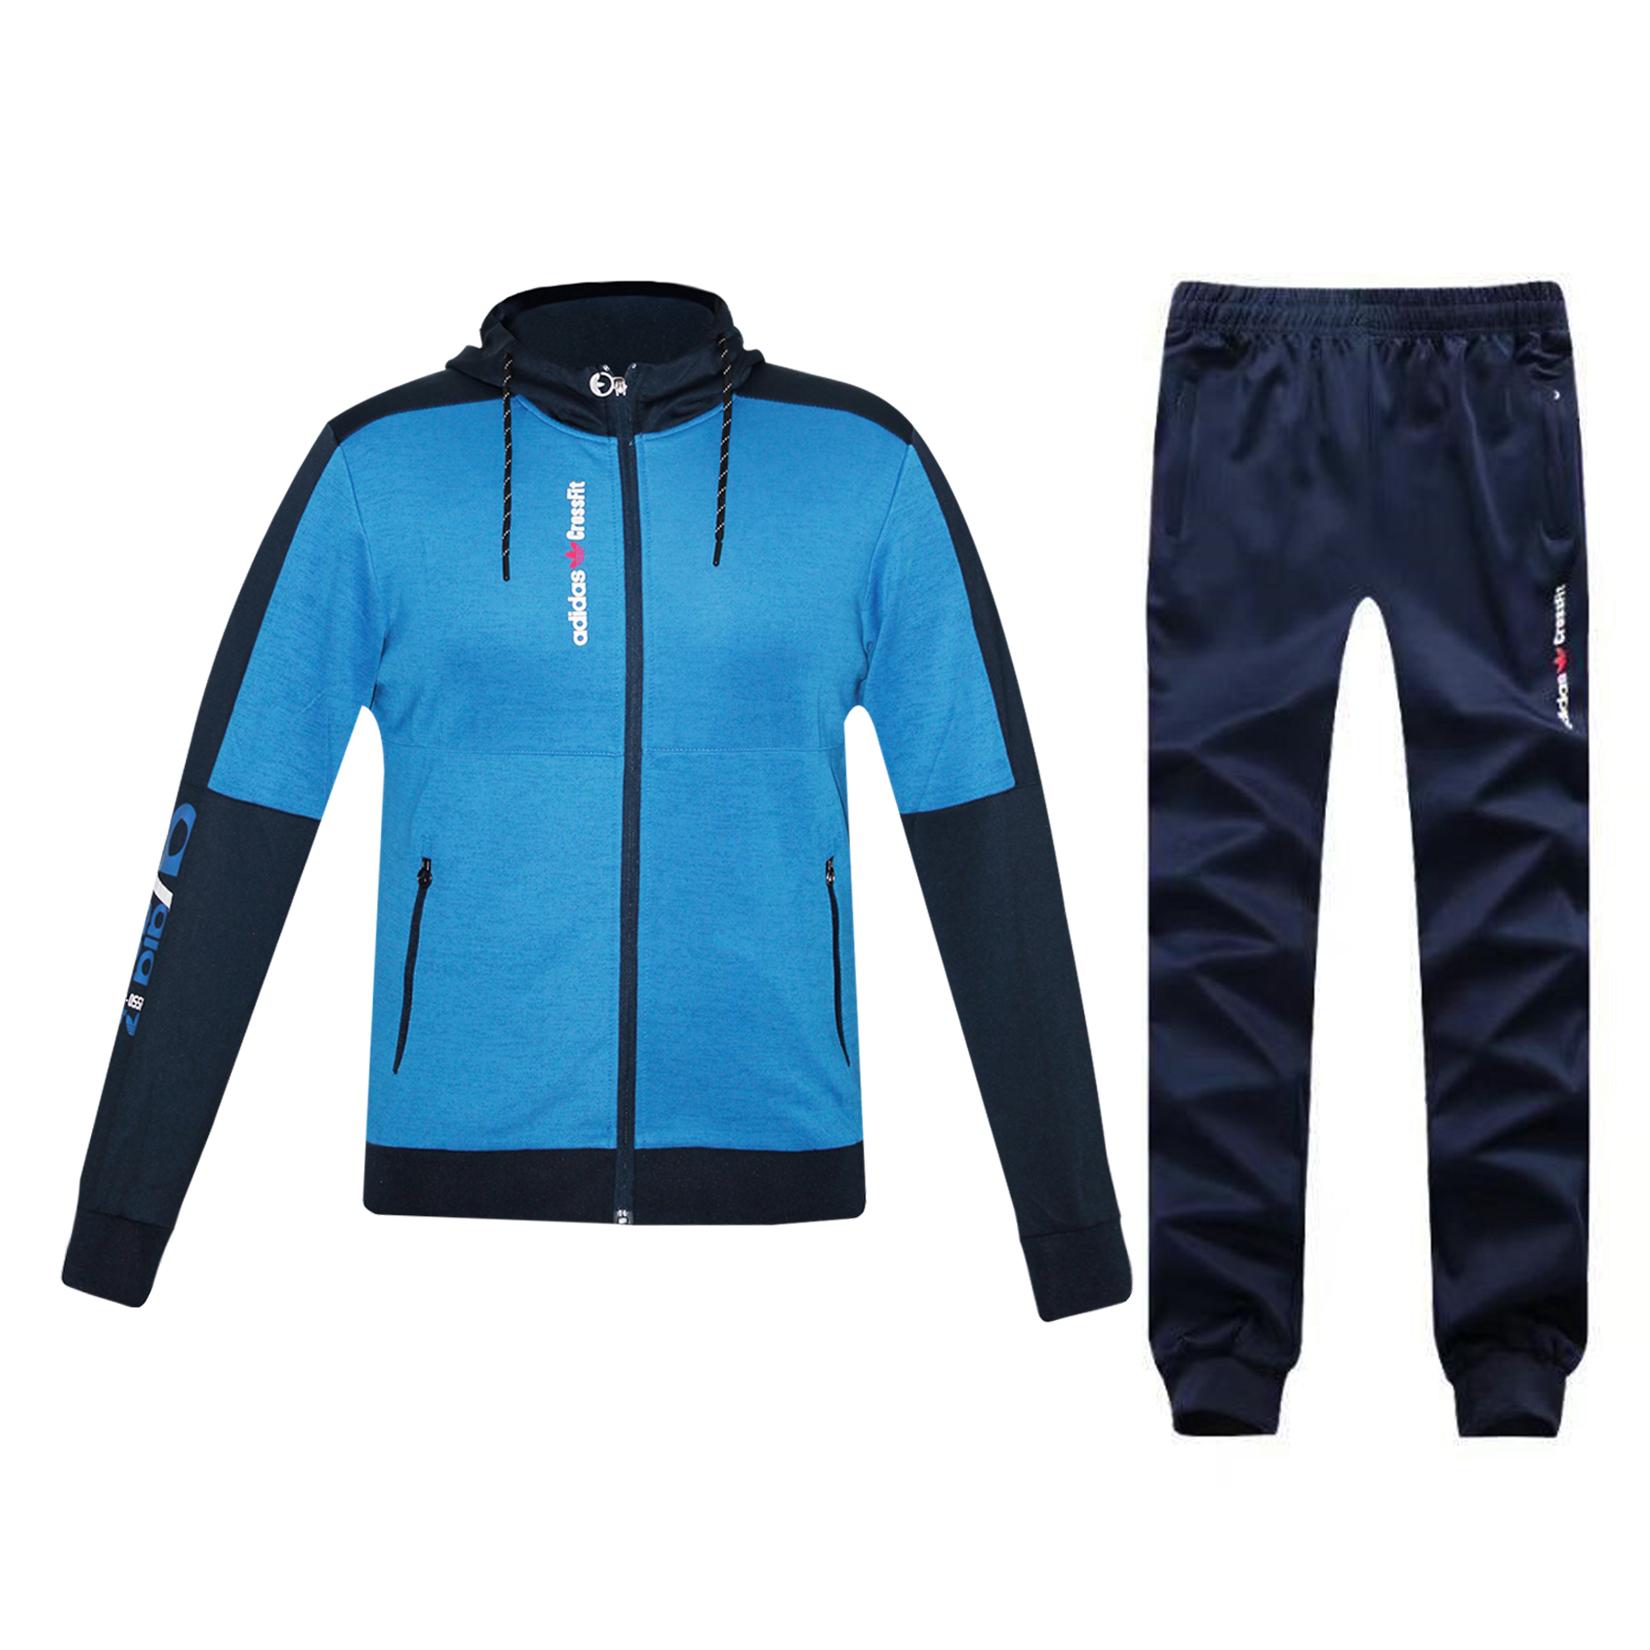 ست گرمکن و شلوار ورزشی مردانه مدل 004 غیر اصل